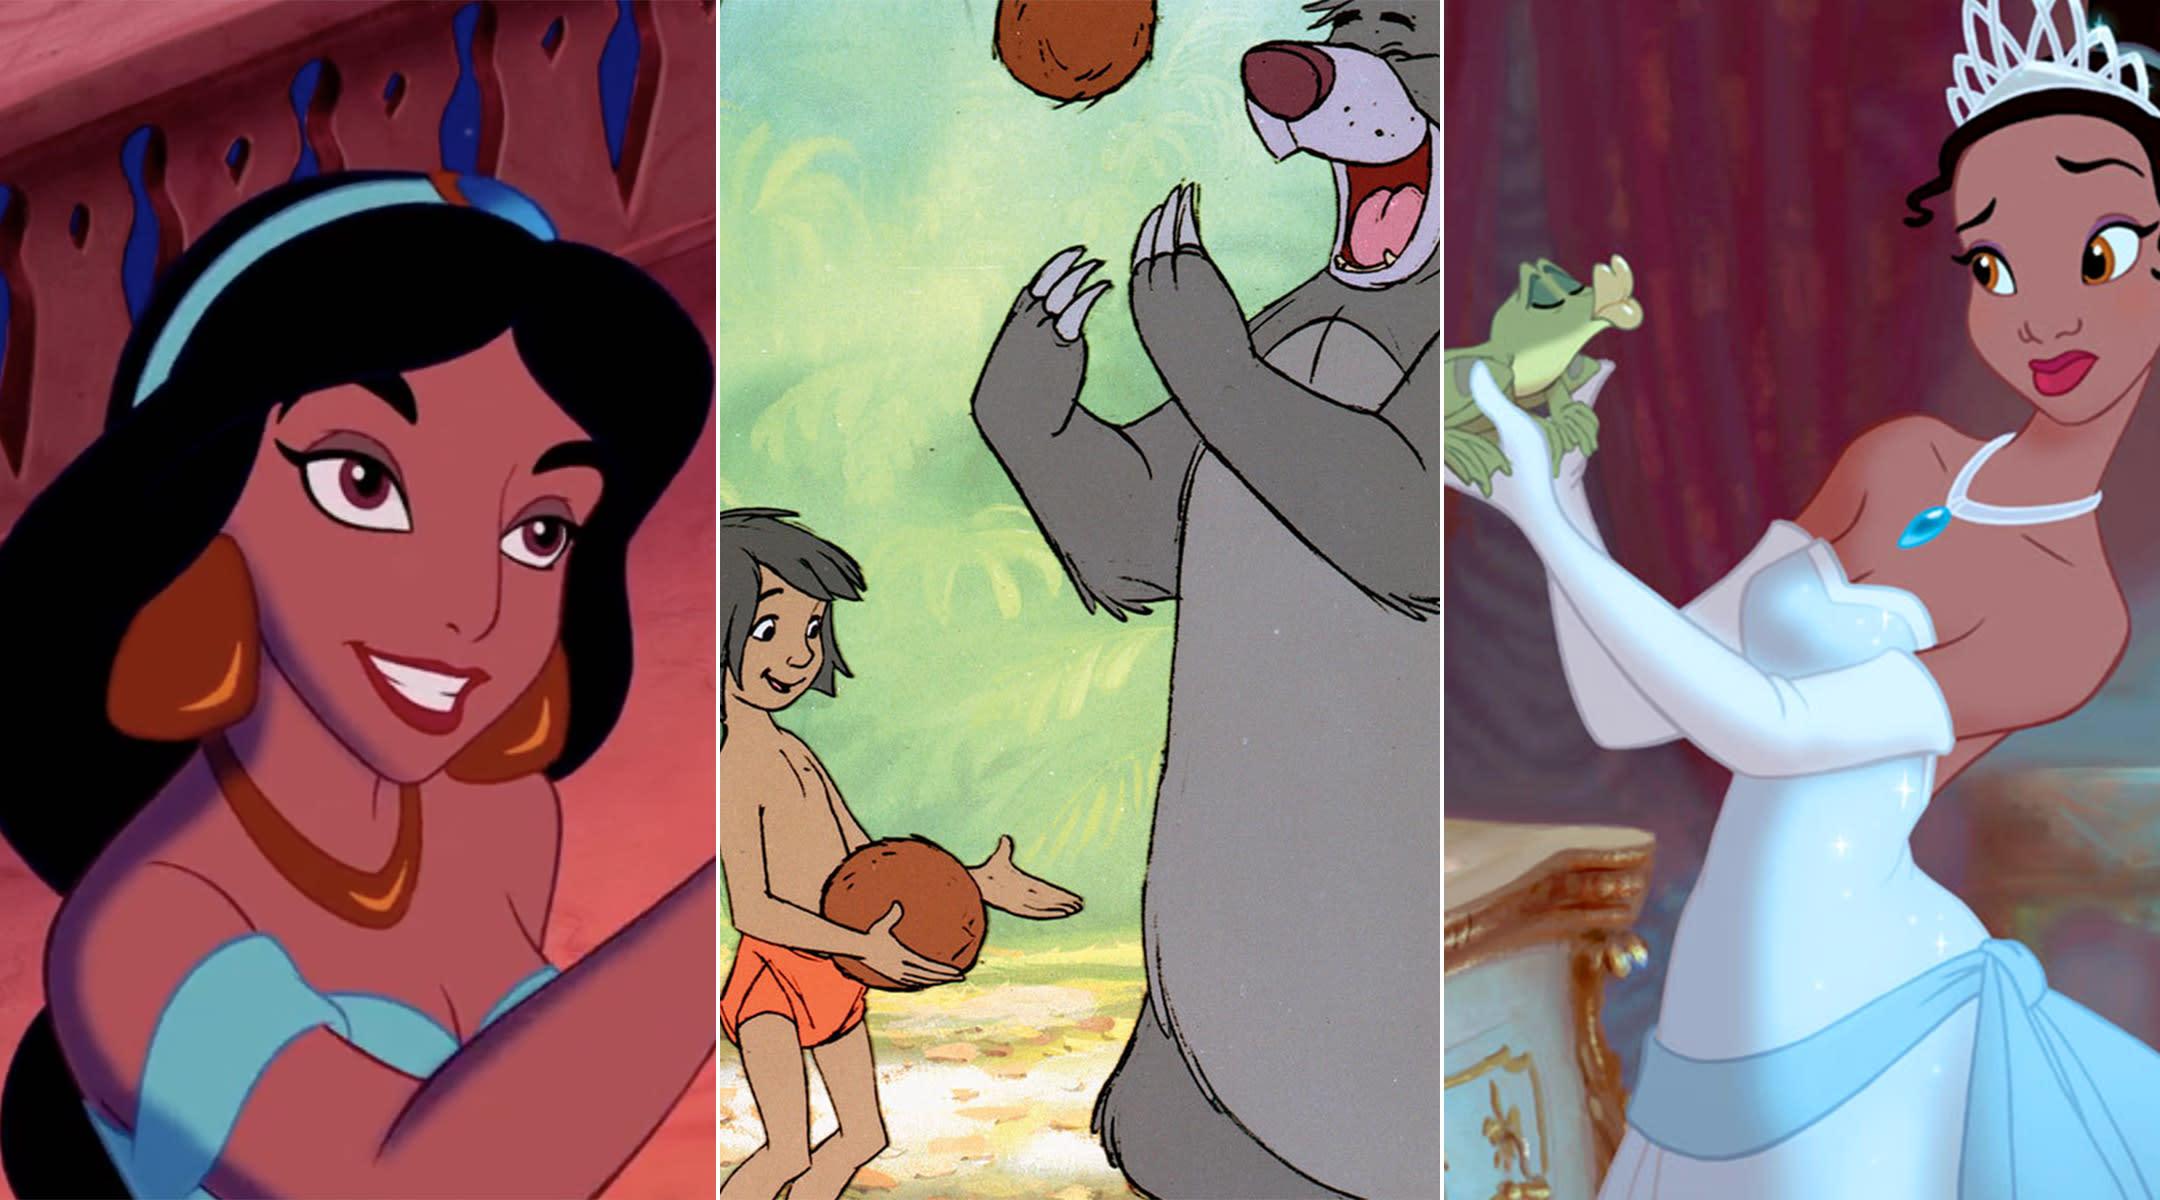 disney characters, jasmine, mowgli, tiana